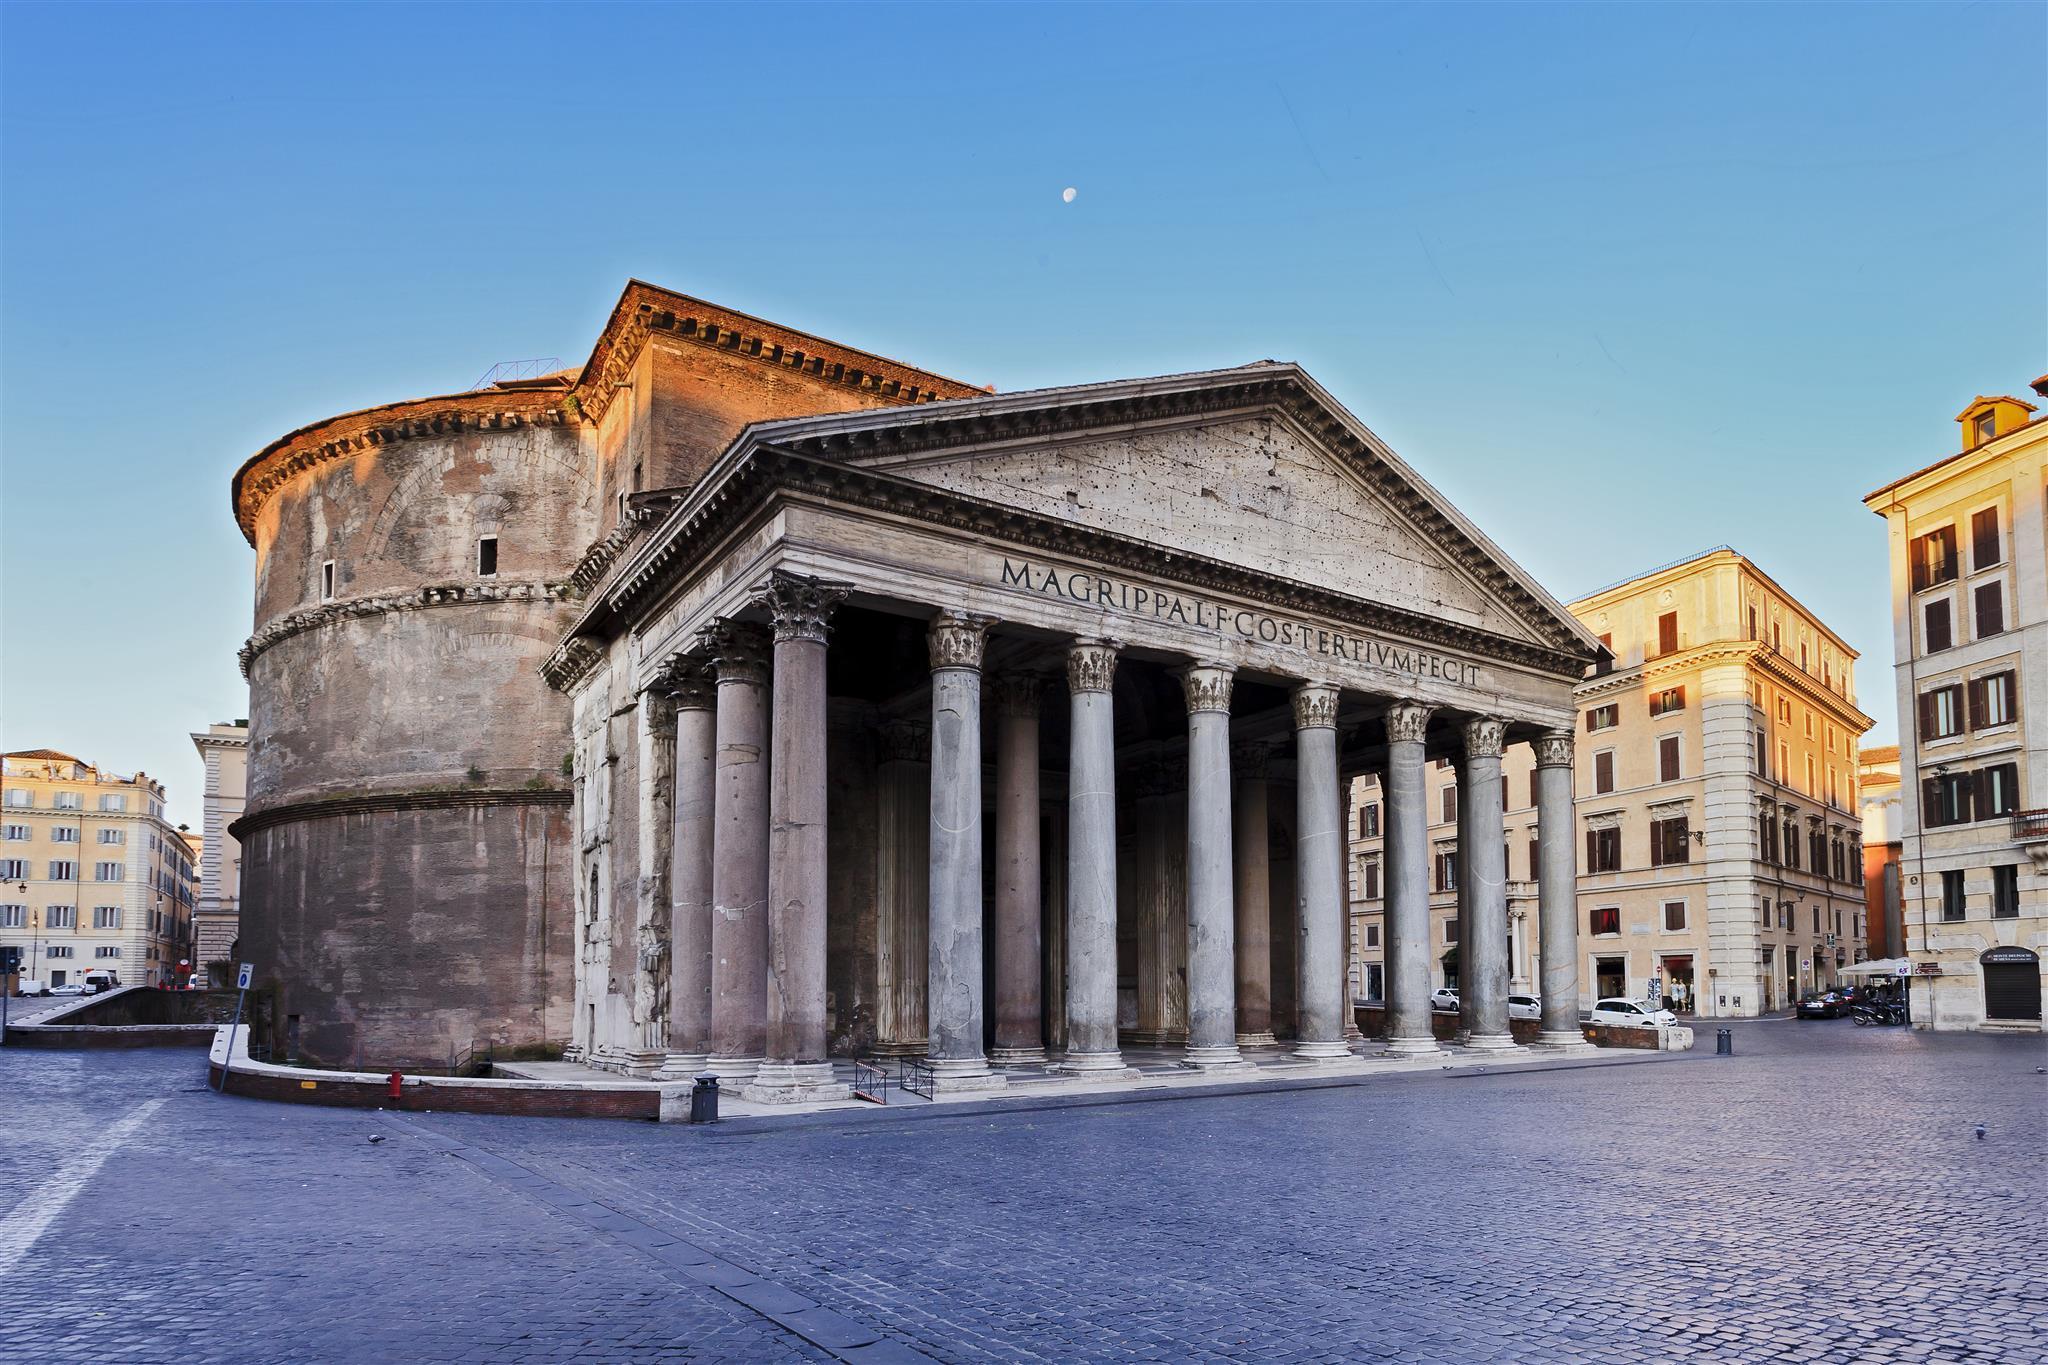 Andrea's Rome